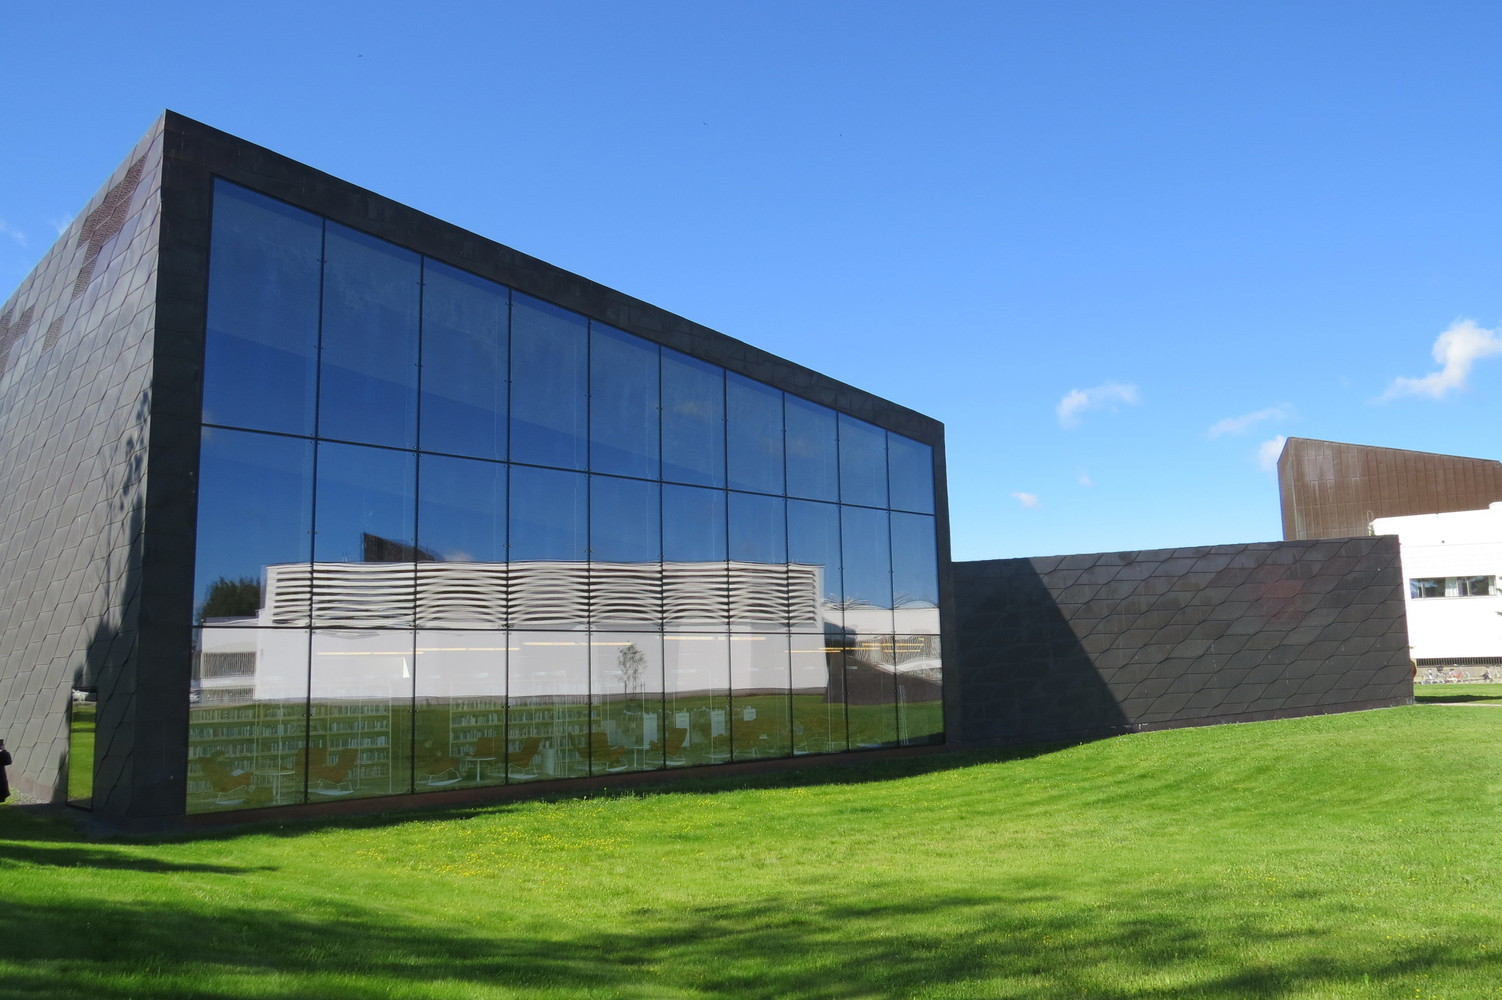 Seinäjoen pääkirjasto